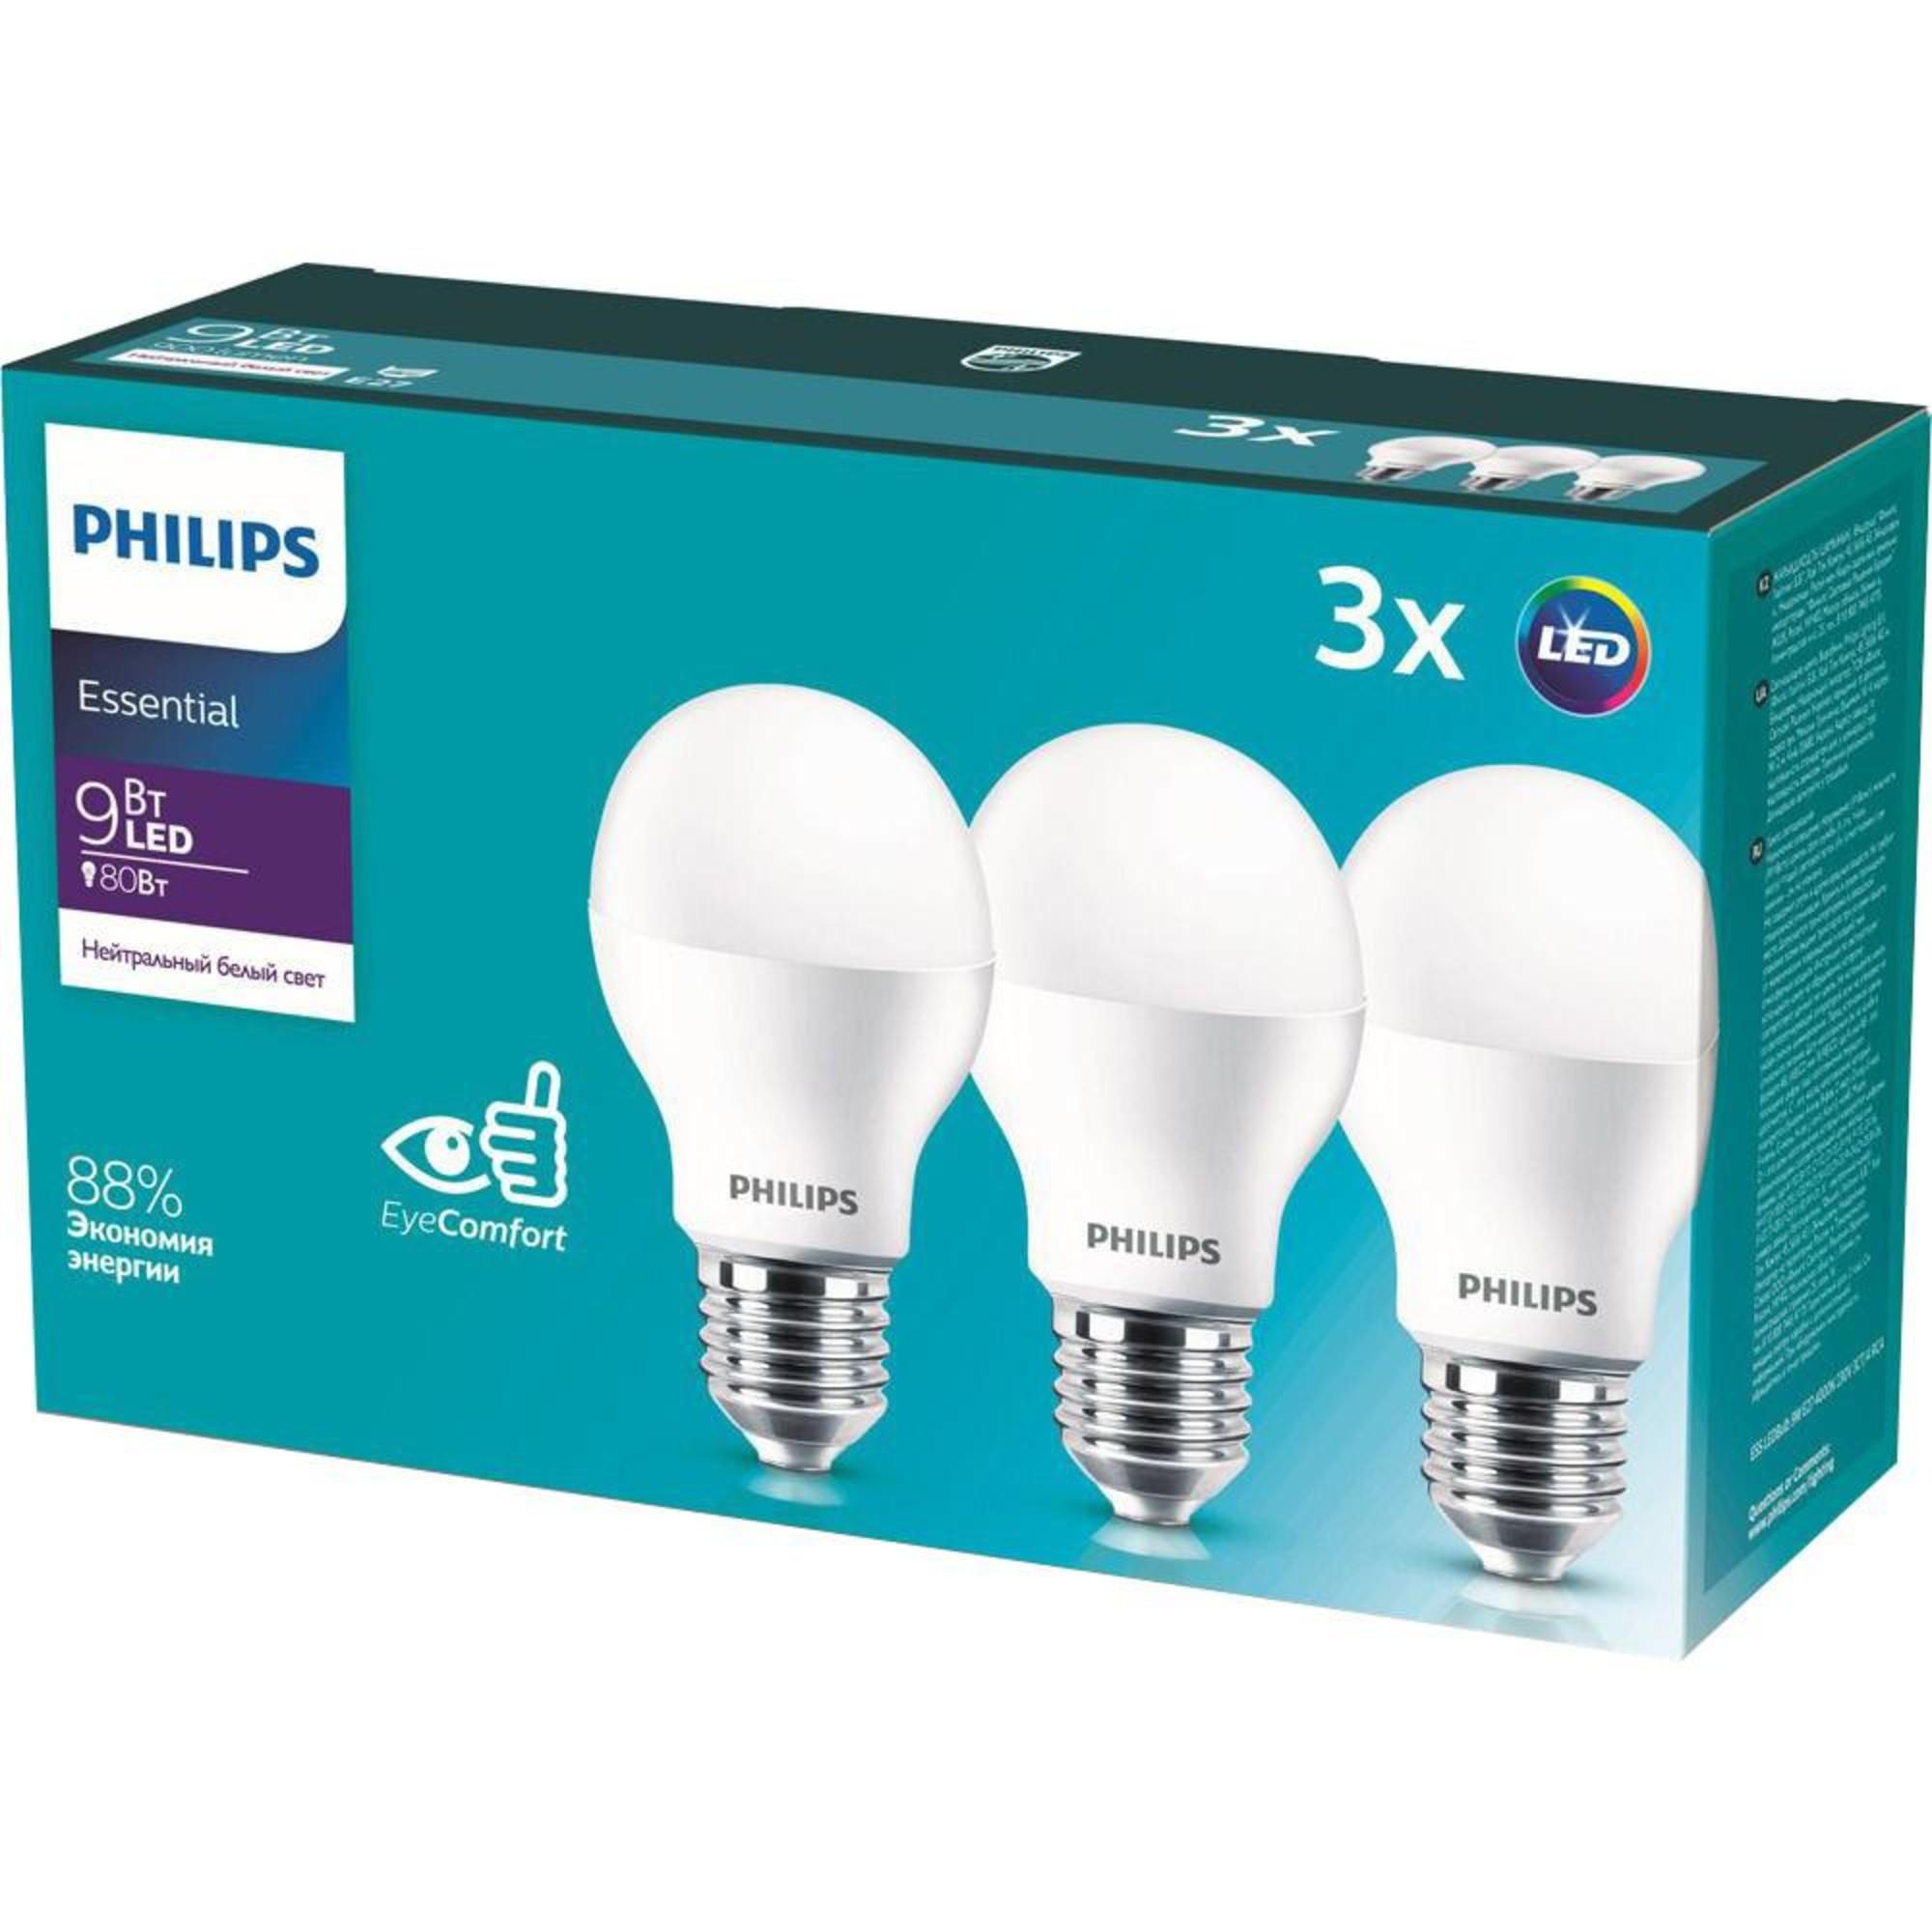 Лампа Philips Essential светодионая E27 9 Вт груша 900 Лм нейтральный свет